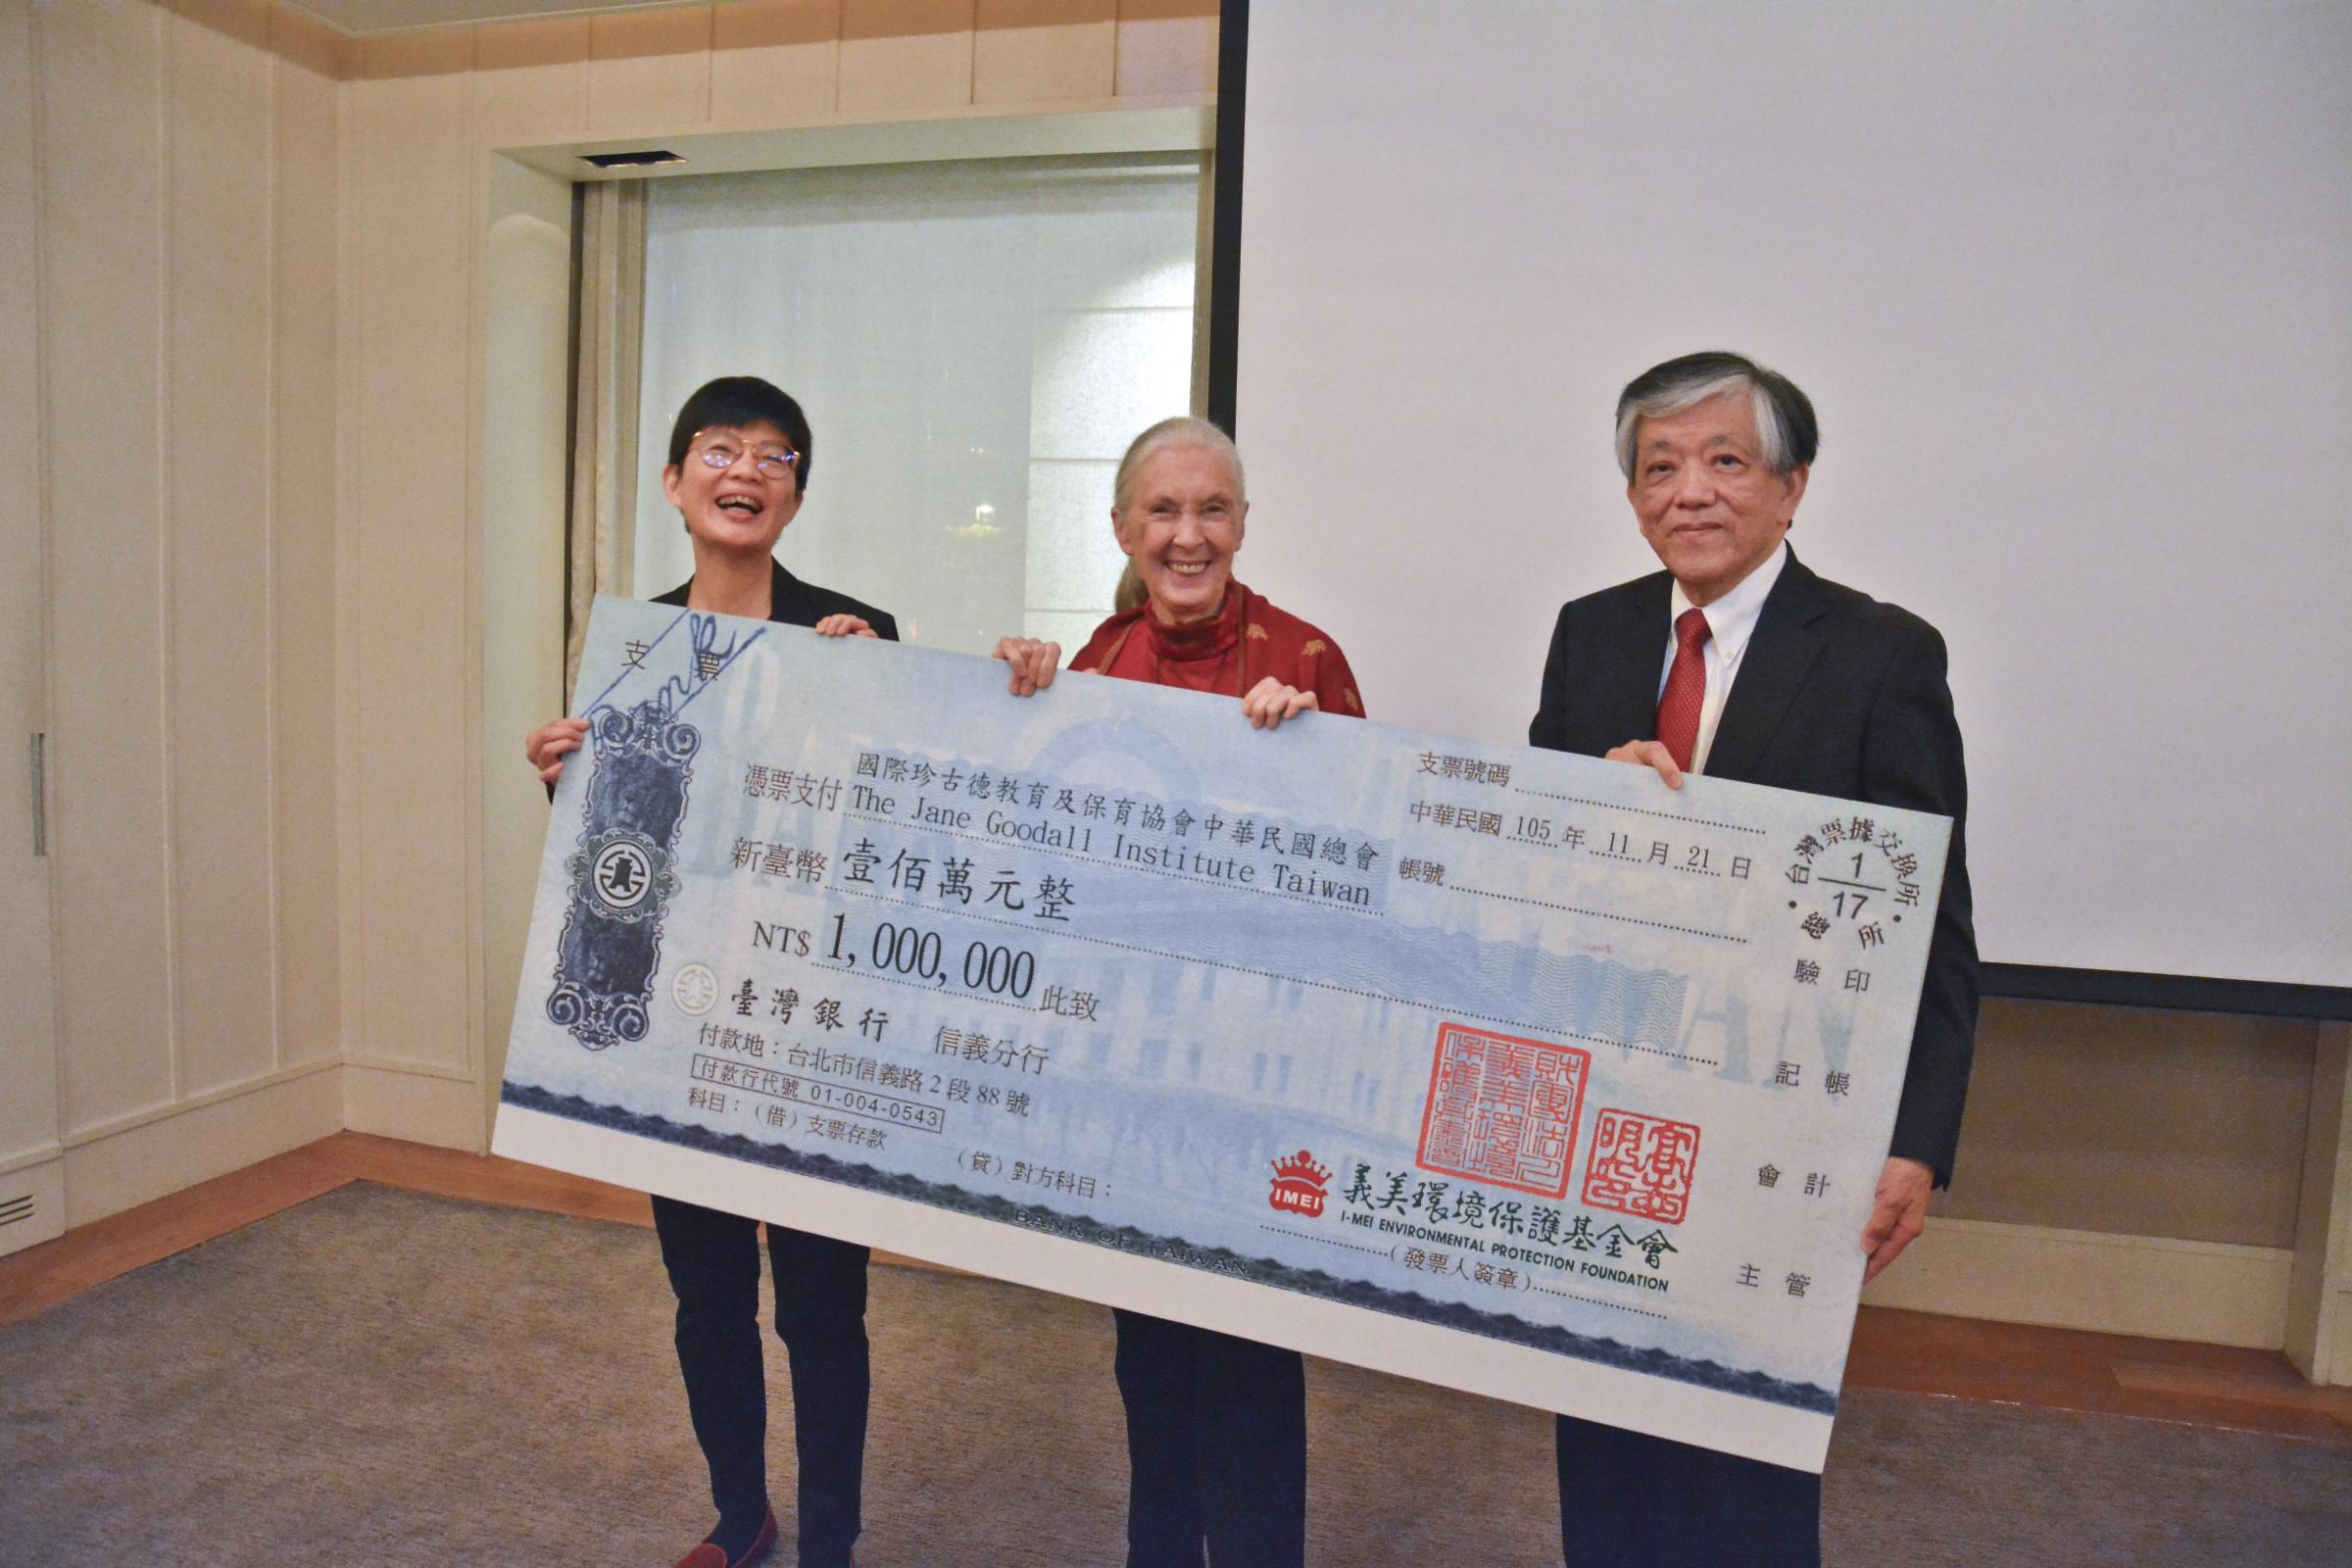 義美環境保護基金會捐款台幣一百萬元給國際珍古德協會